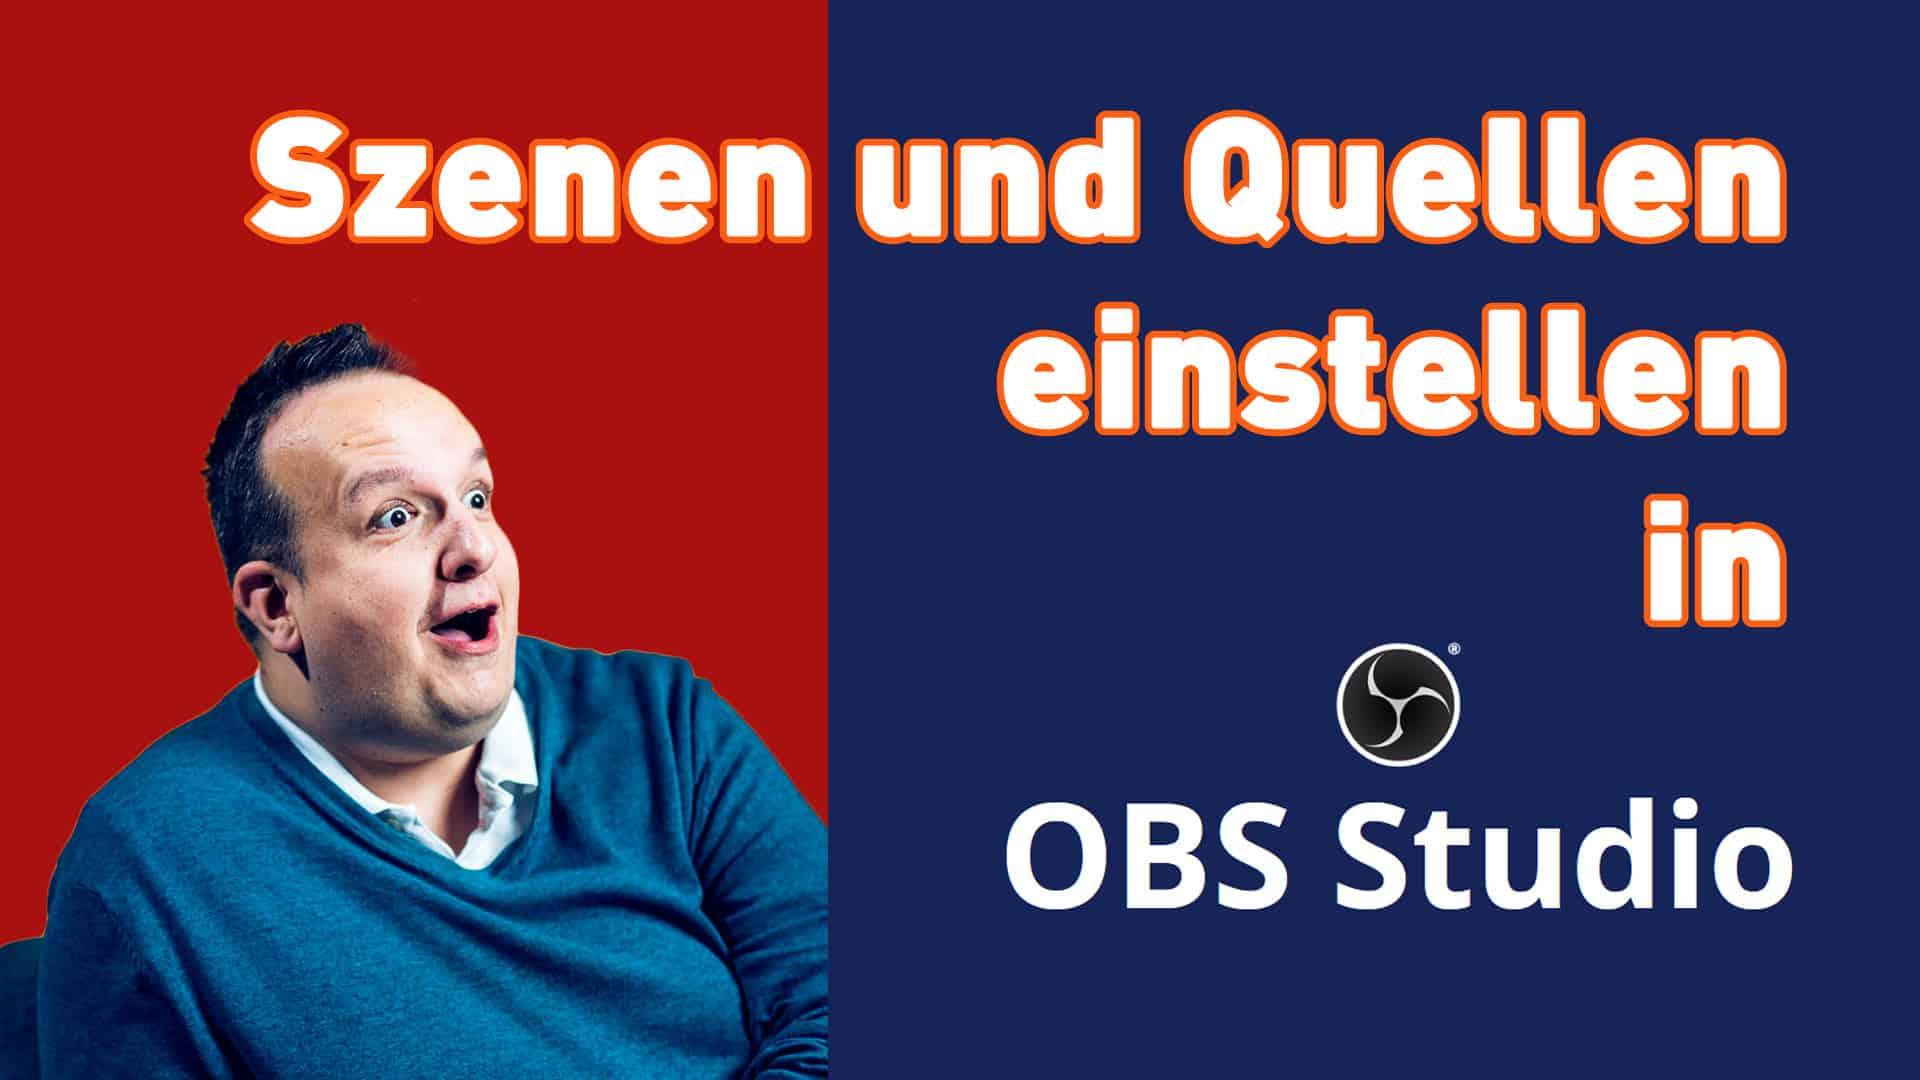 Anleitung: Szenen und Quellen einstellen in OBS Studio